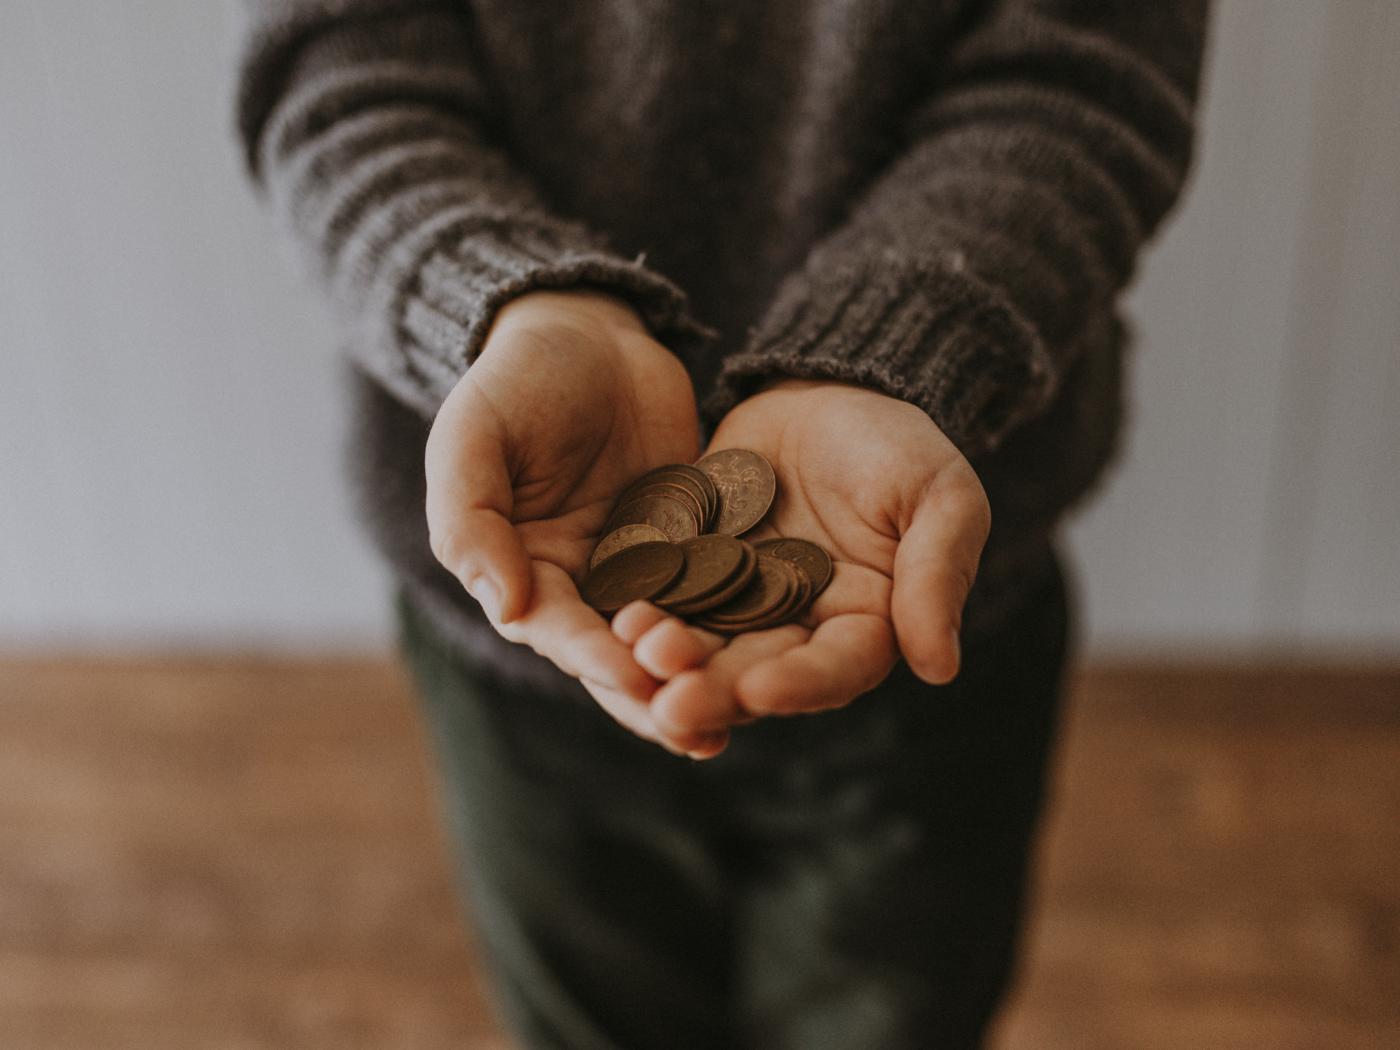 Disciplina Financiera| Los Sonámbulos | Opinión | Jesús Delgado | La Jornada Edomex